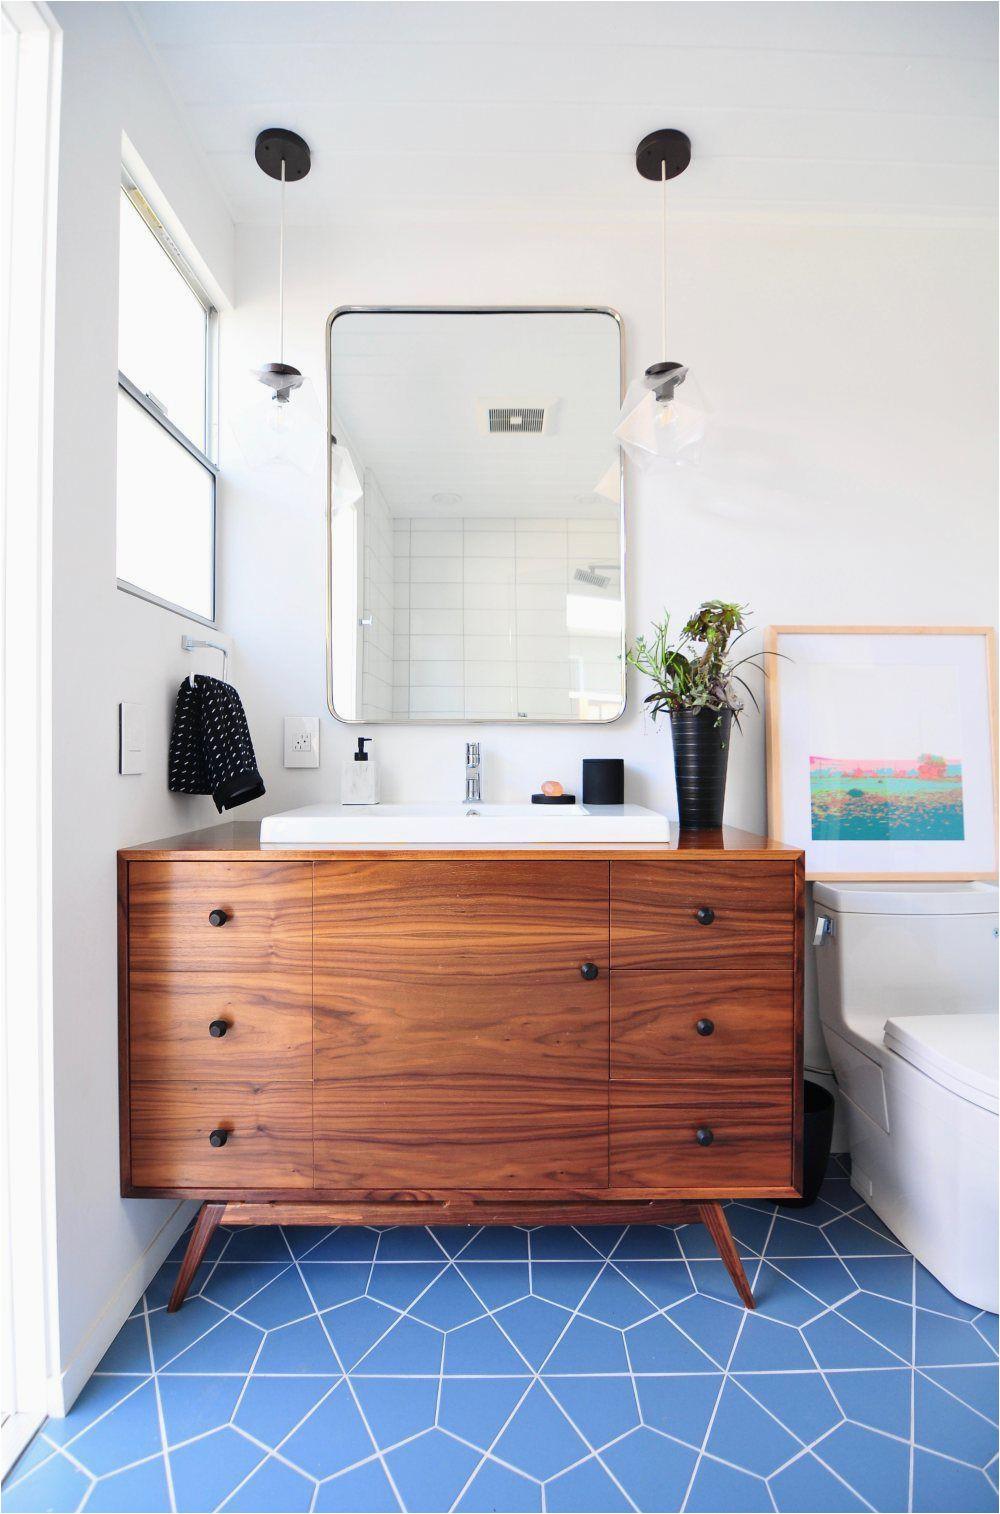 Mid Century Modern Bath Rug 30 Awesome Mid Century Modern Bathroom Ideas You Should See